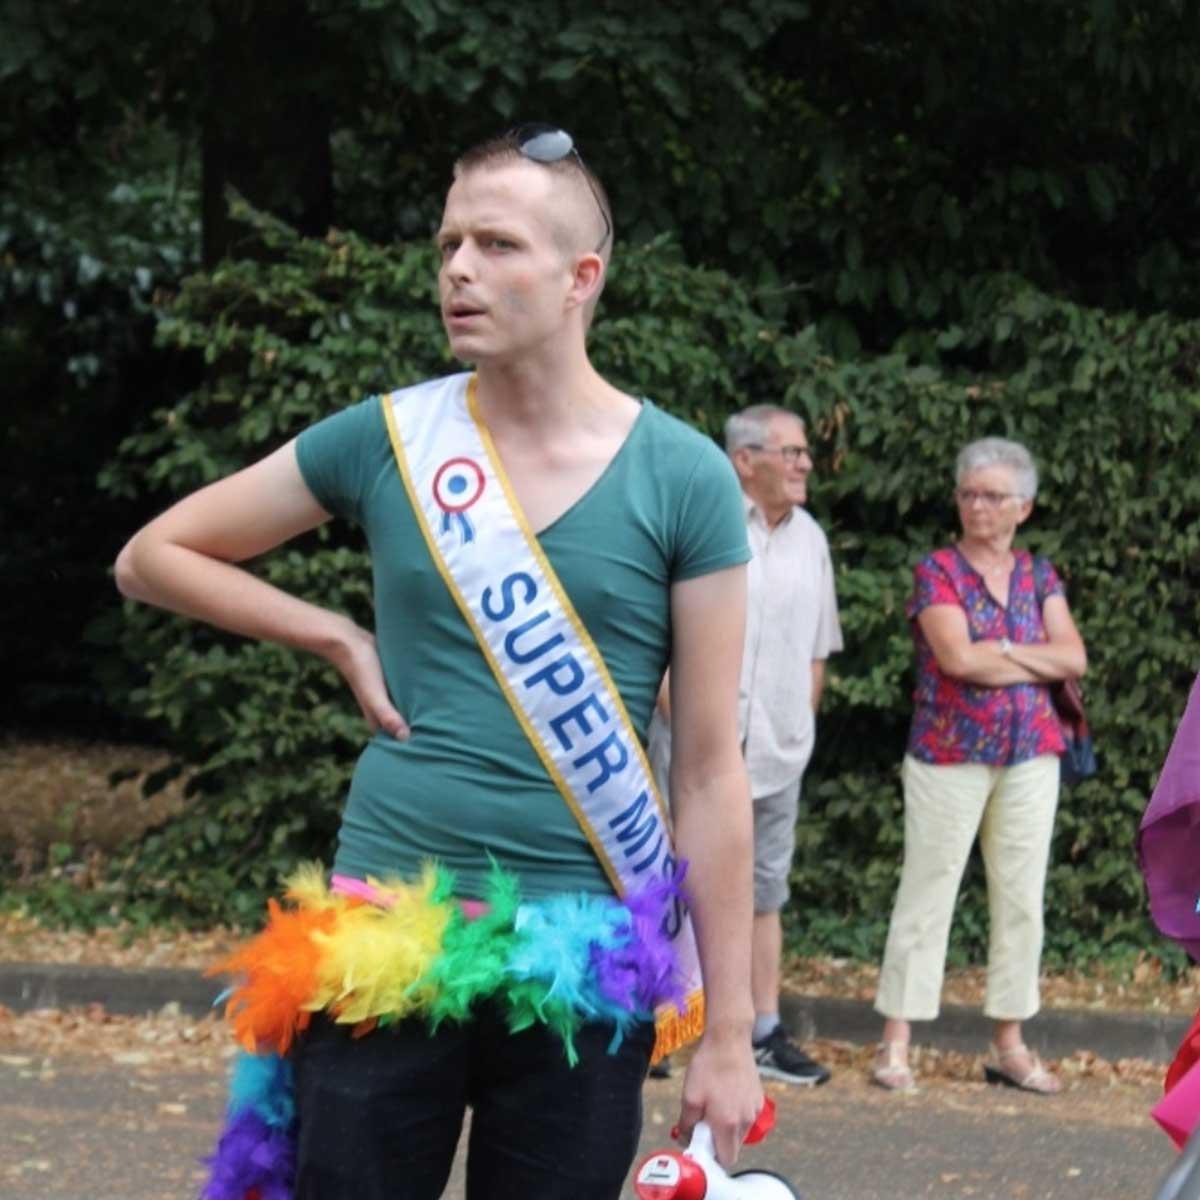 lieu de rencontre homme gay pride à Le Mans